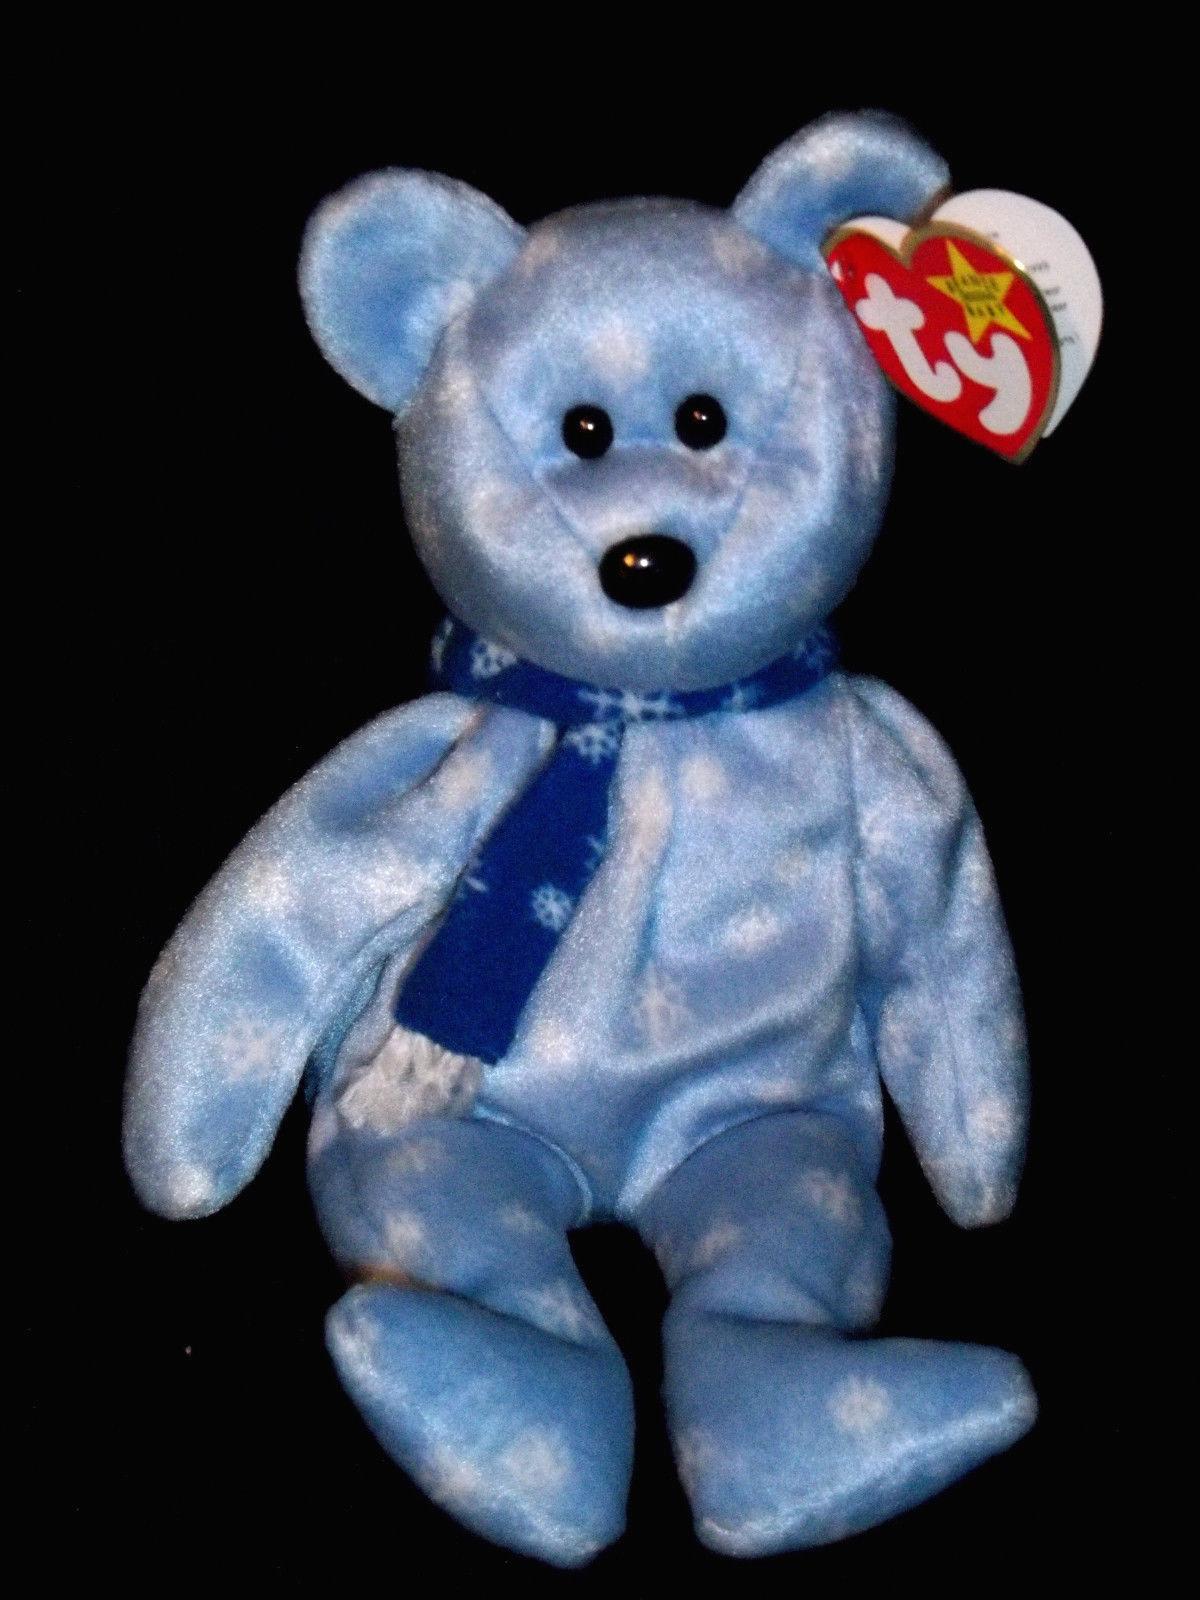 cb81eb540b8 1999 Holiday Teddy Bear  Ty Beanie Babies – Love My Beanies